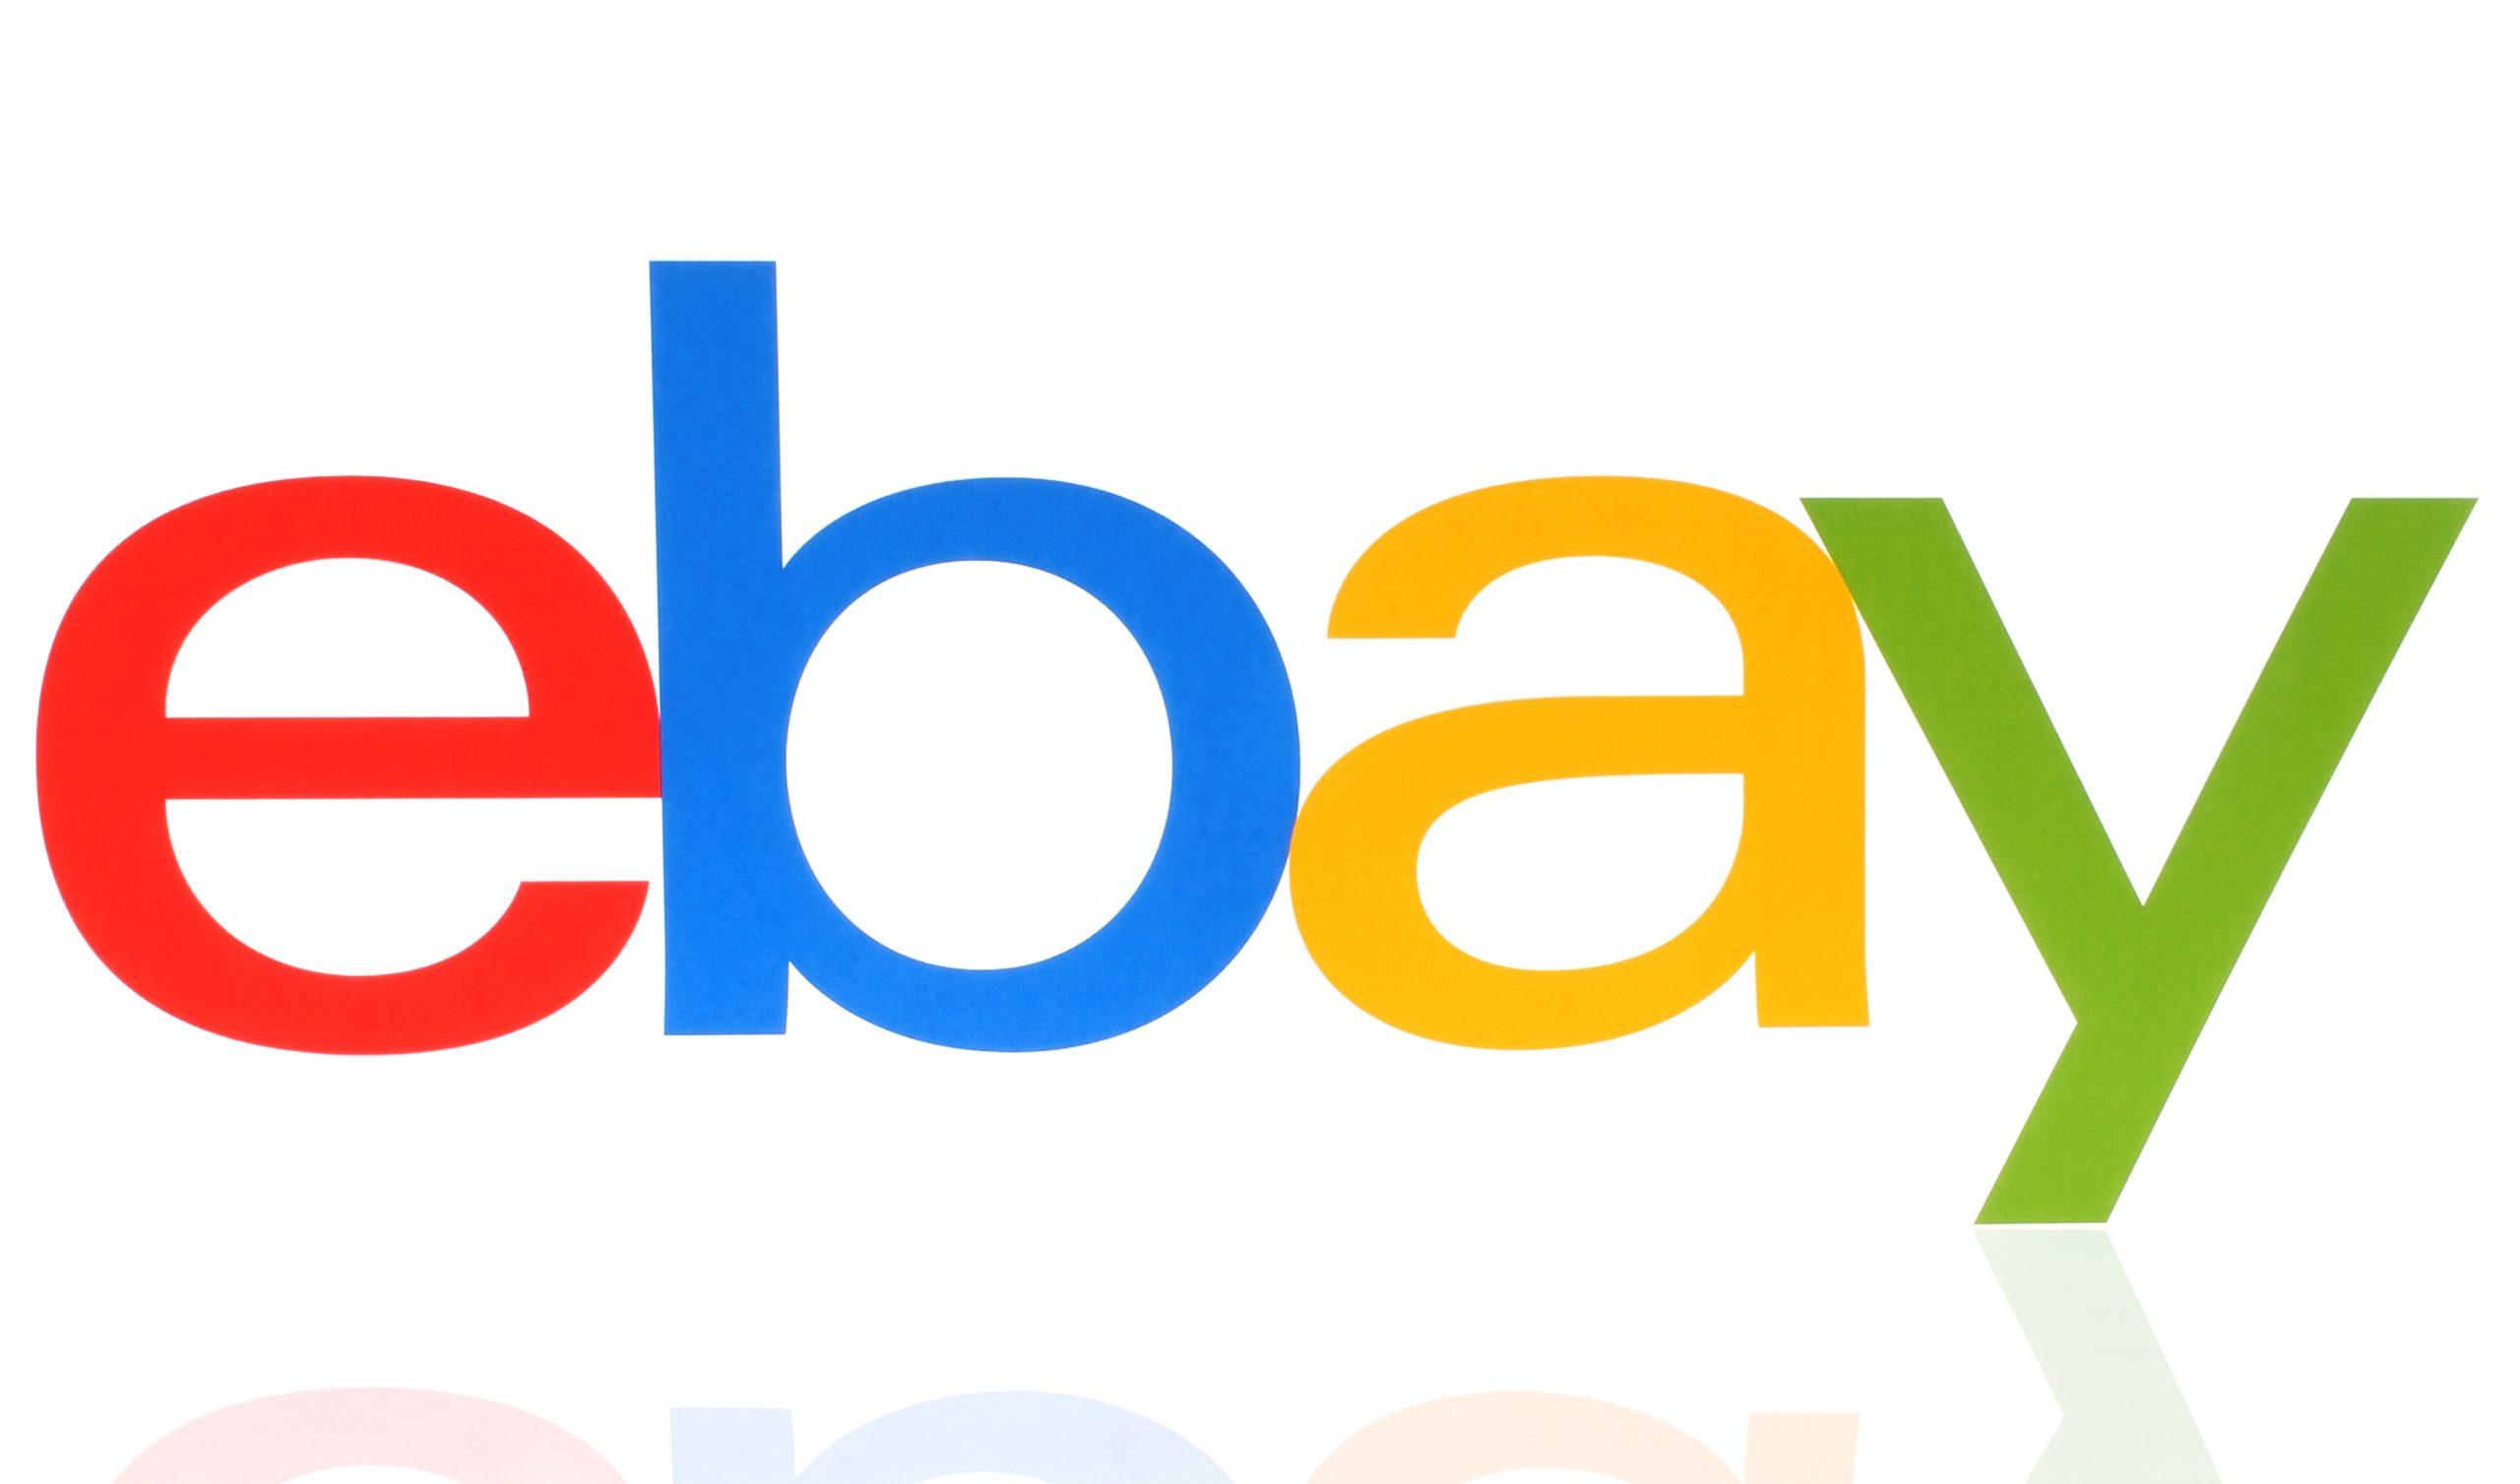 Make Money fast online with ebay #ebay #makemoney #onlinemoneymakers